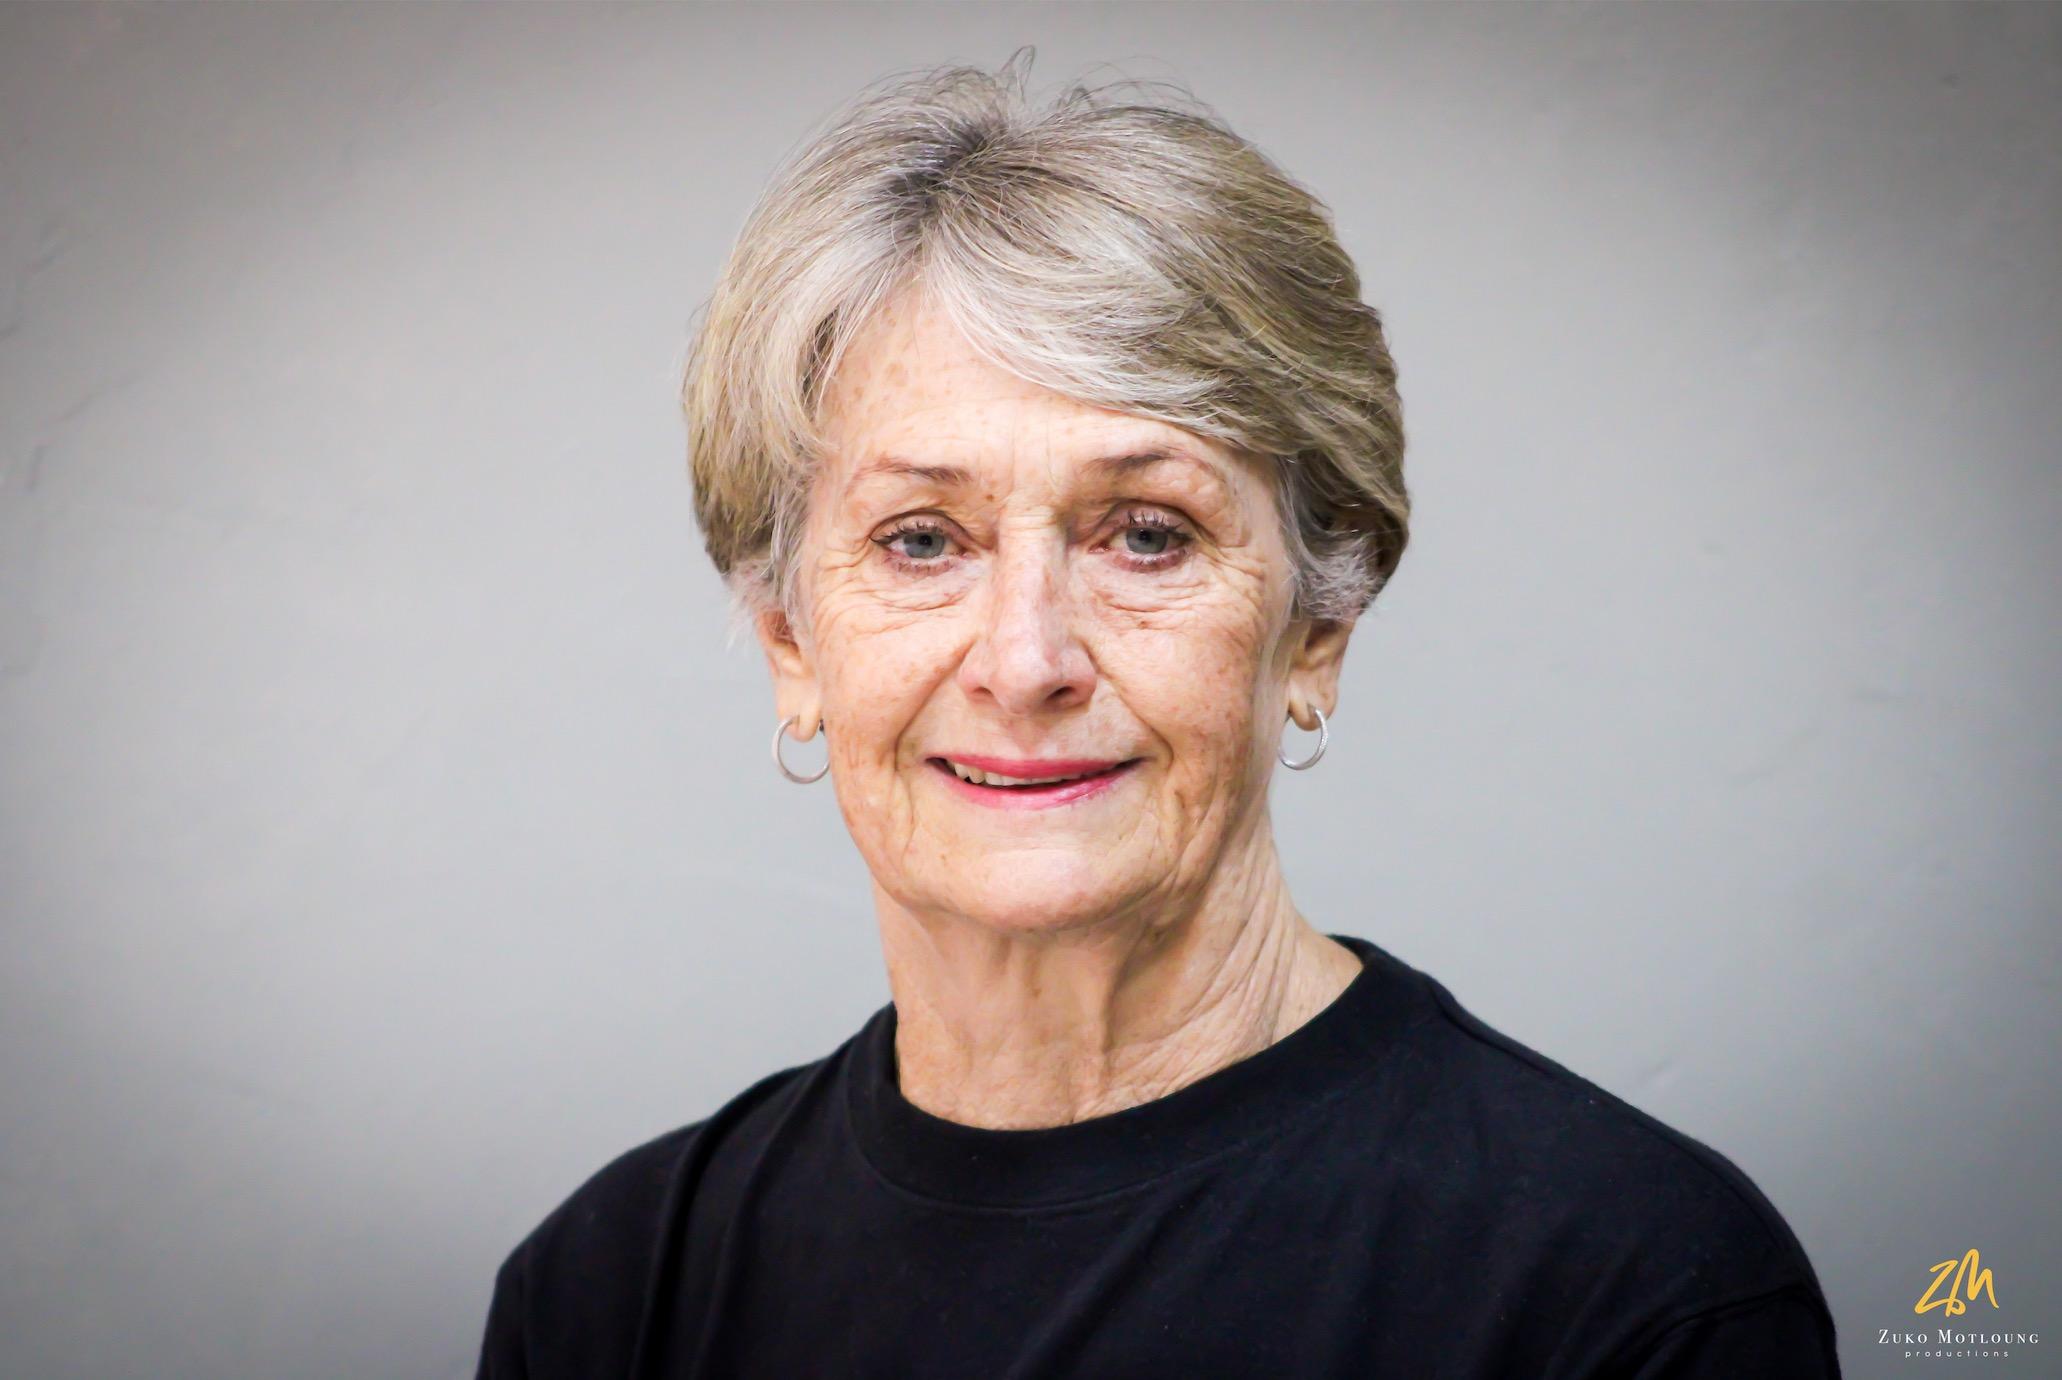 Mrs Denise Visser